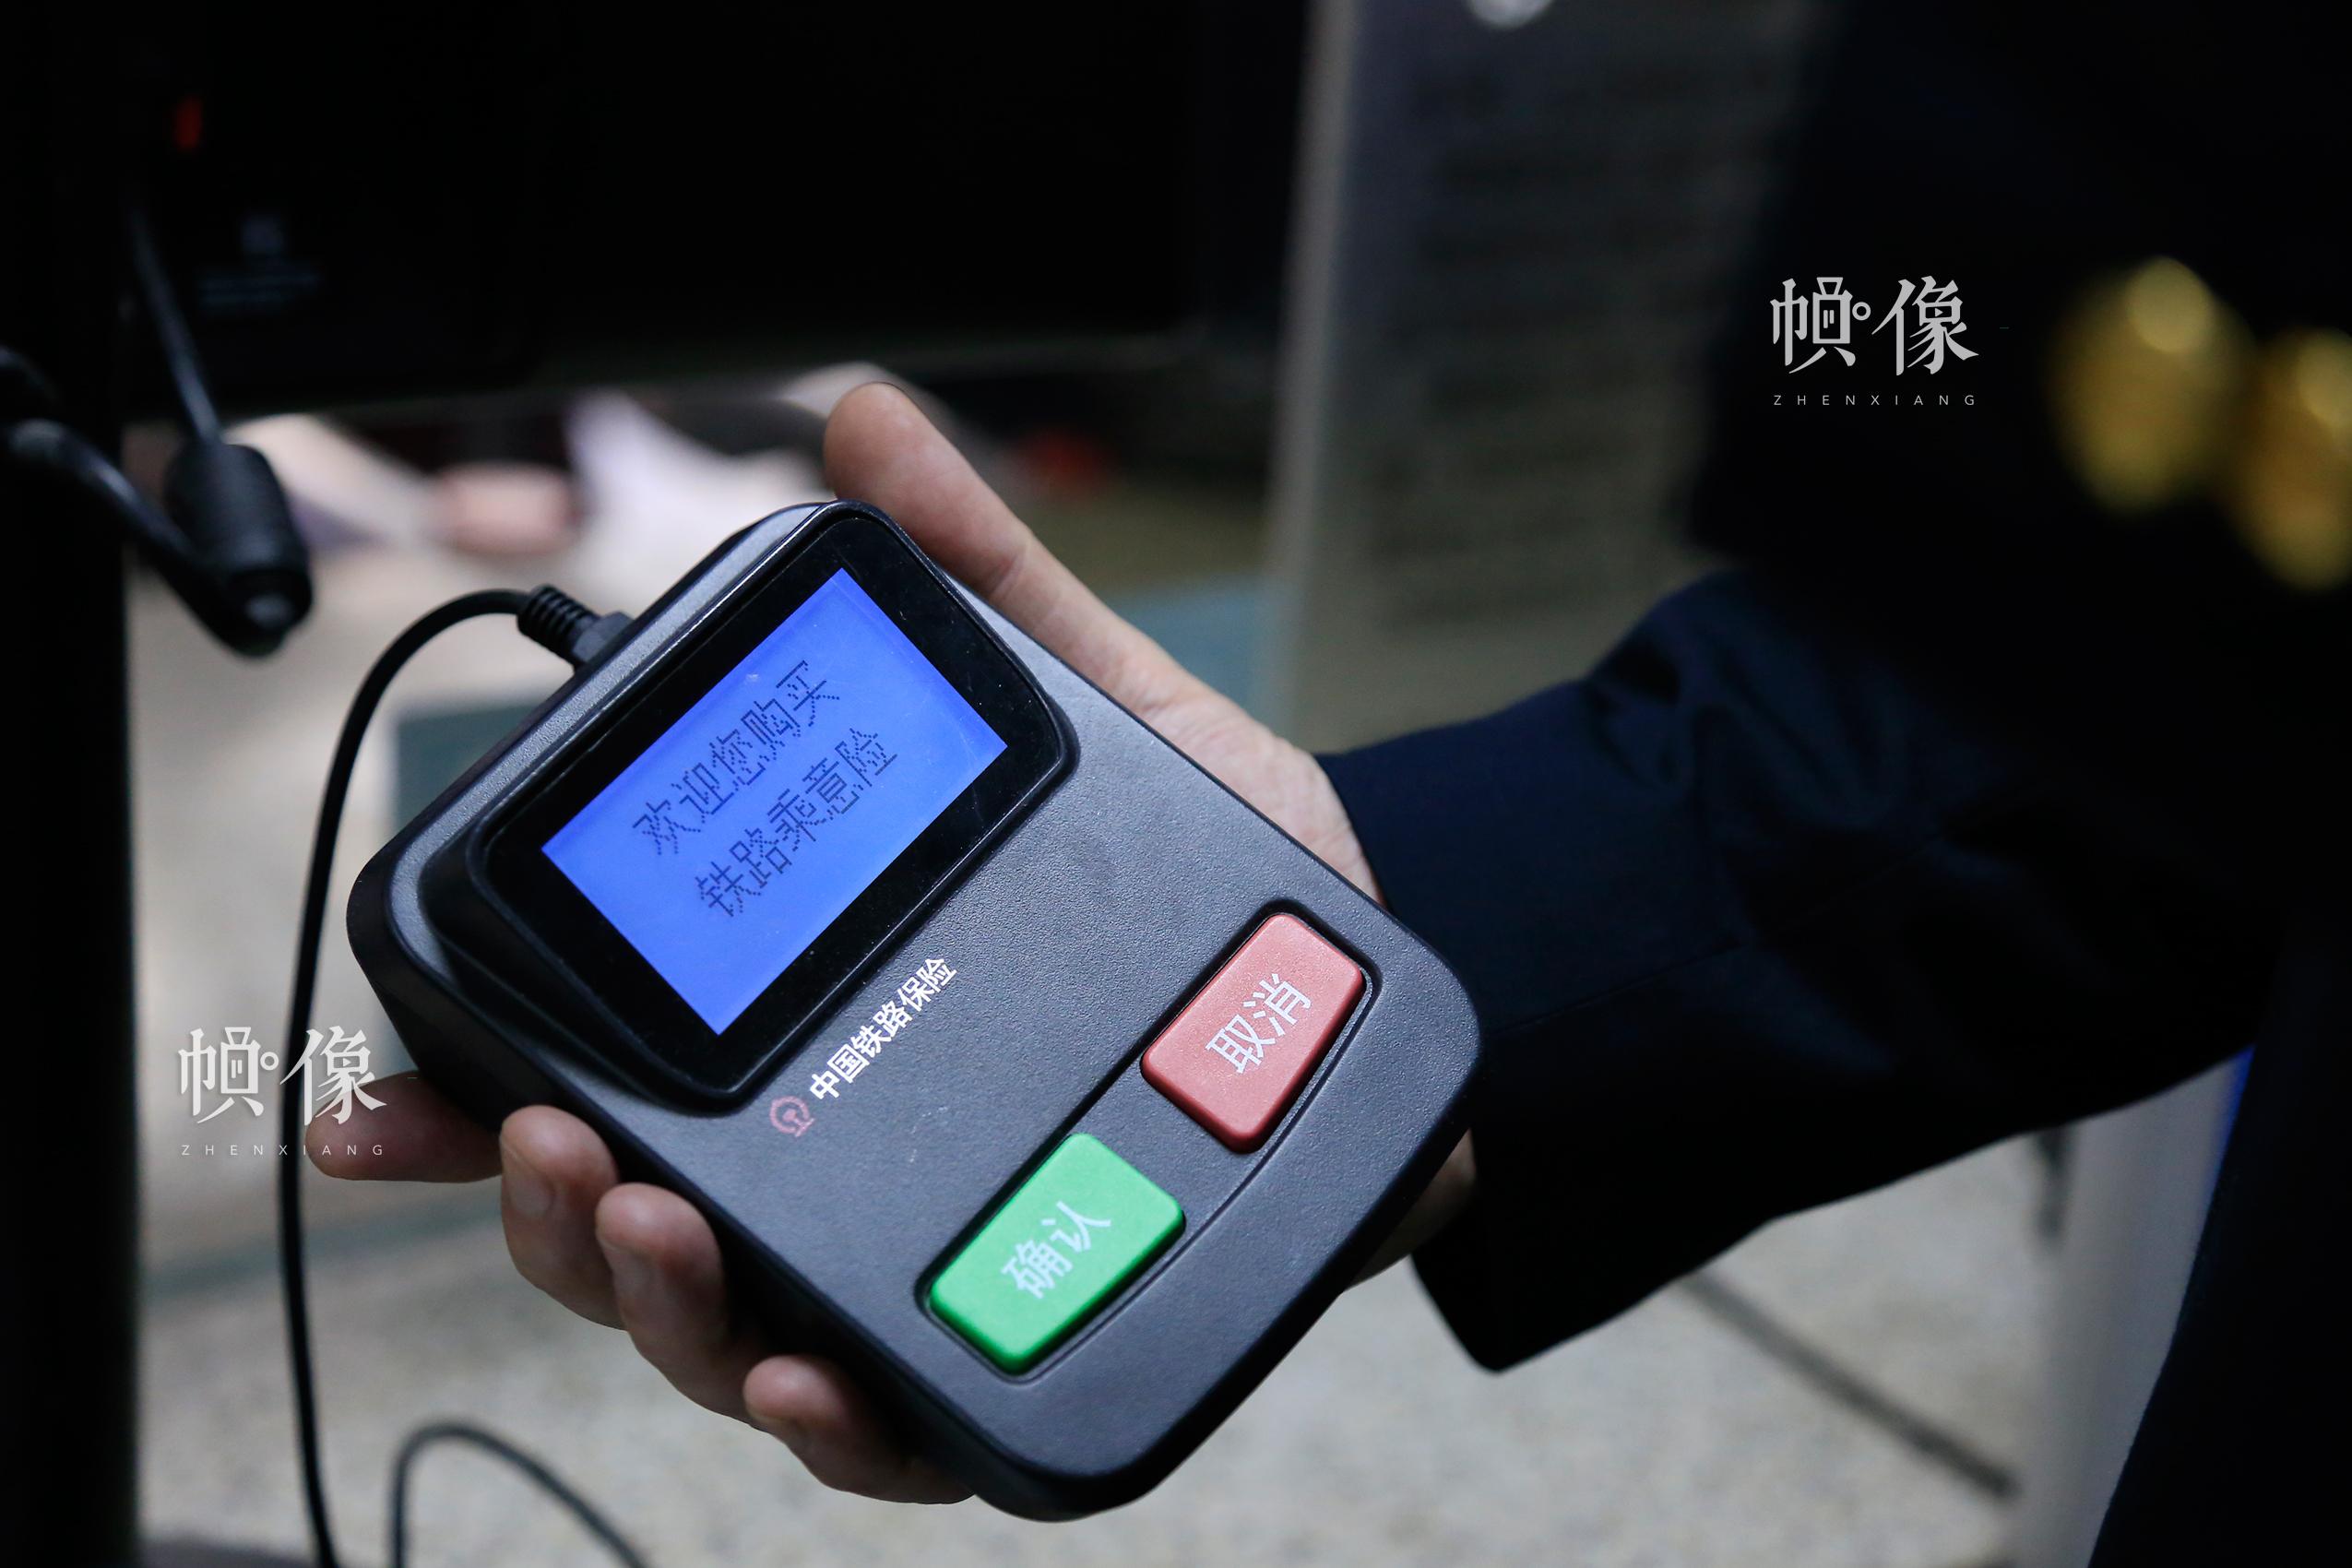 北京南站的某售票车间,工作人员向记者展示铁路乘意险购买器,为旅客出行提供安全保障。中国网实习记者 韩依 摄